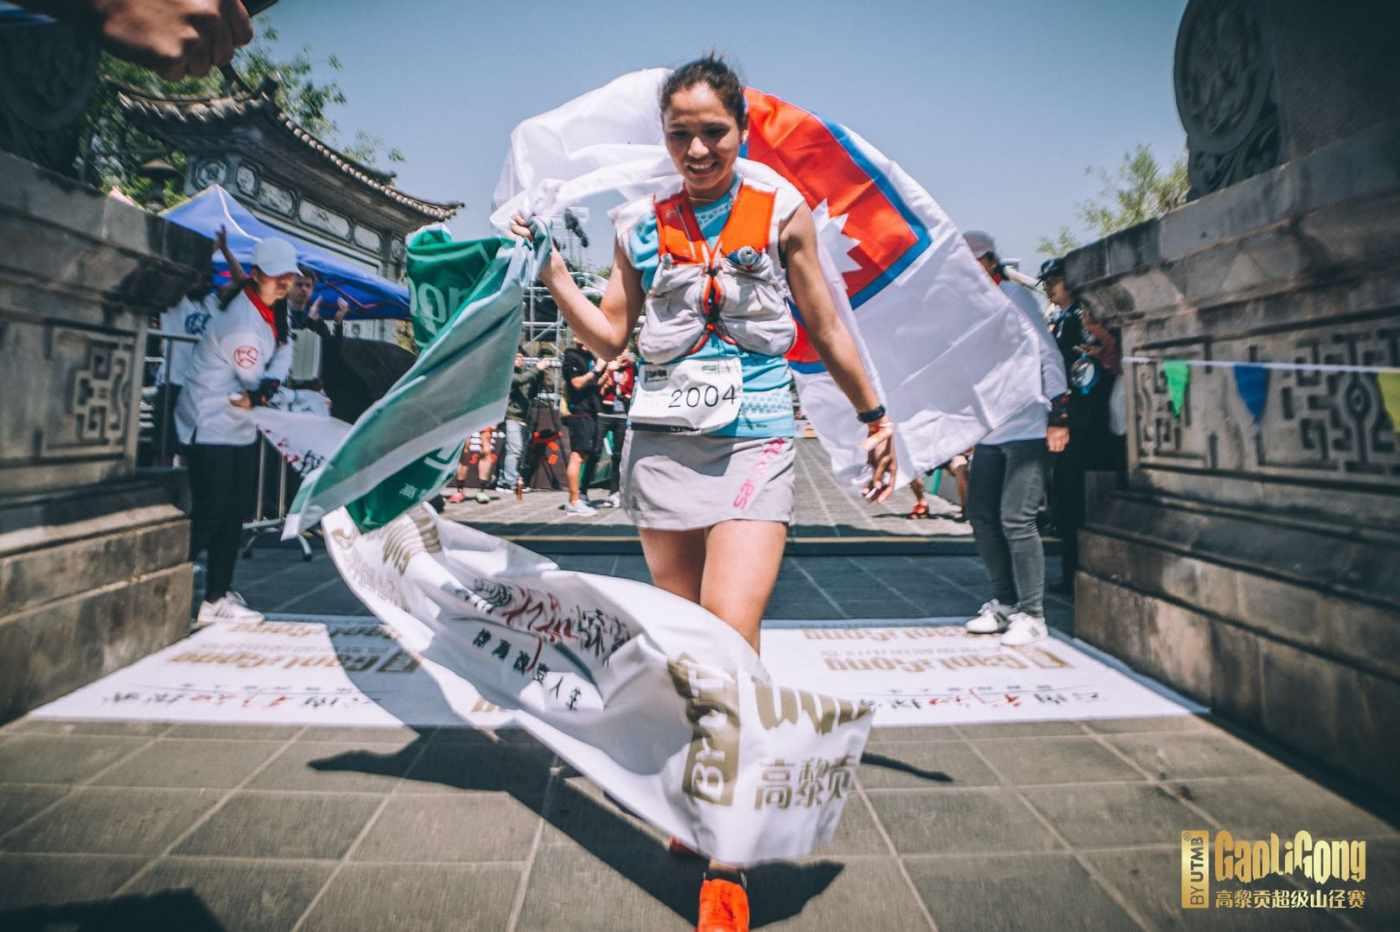 Sunmaya finishing line Gaoligong